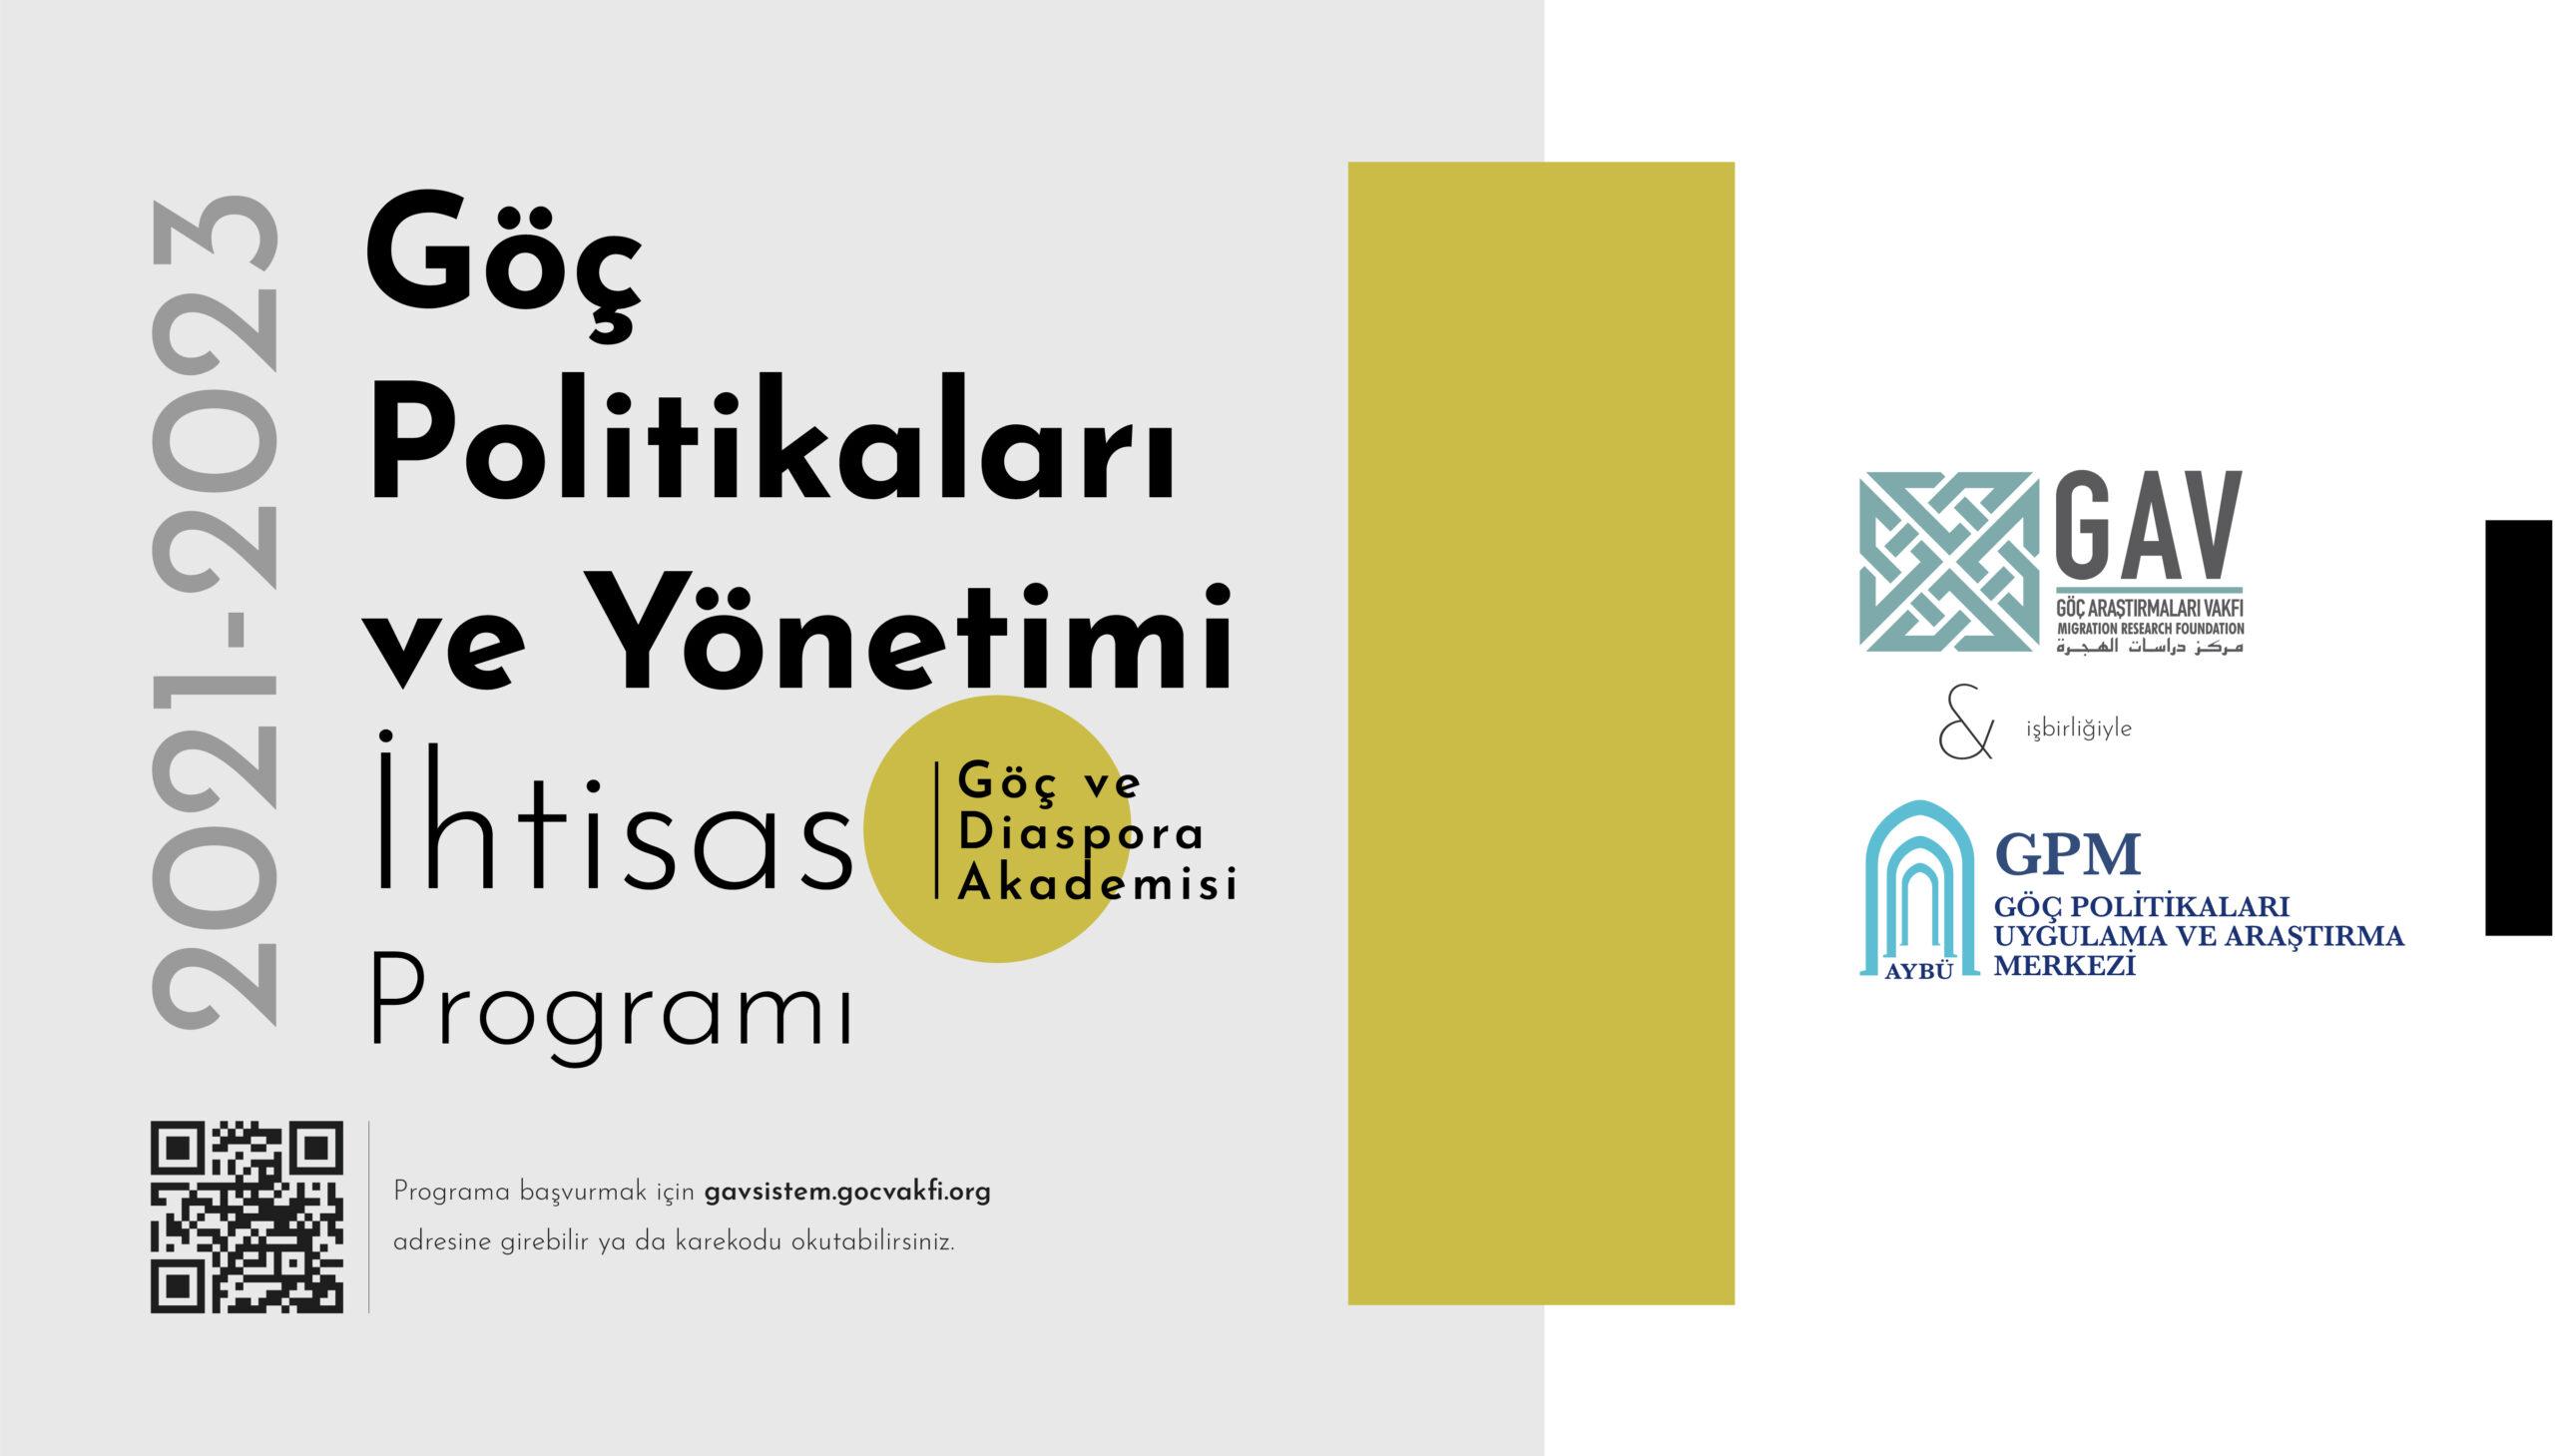 Göç Politikaları ve Yönetimi İhtisas Programı